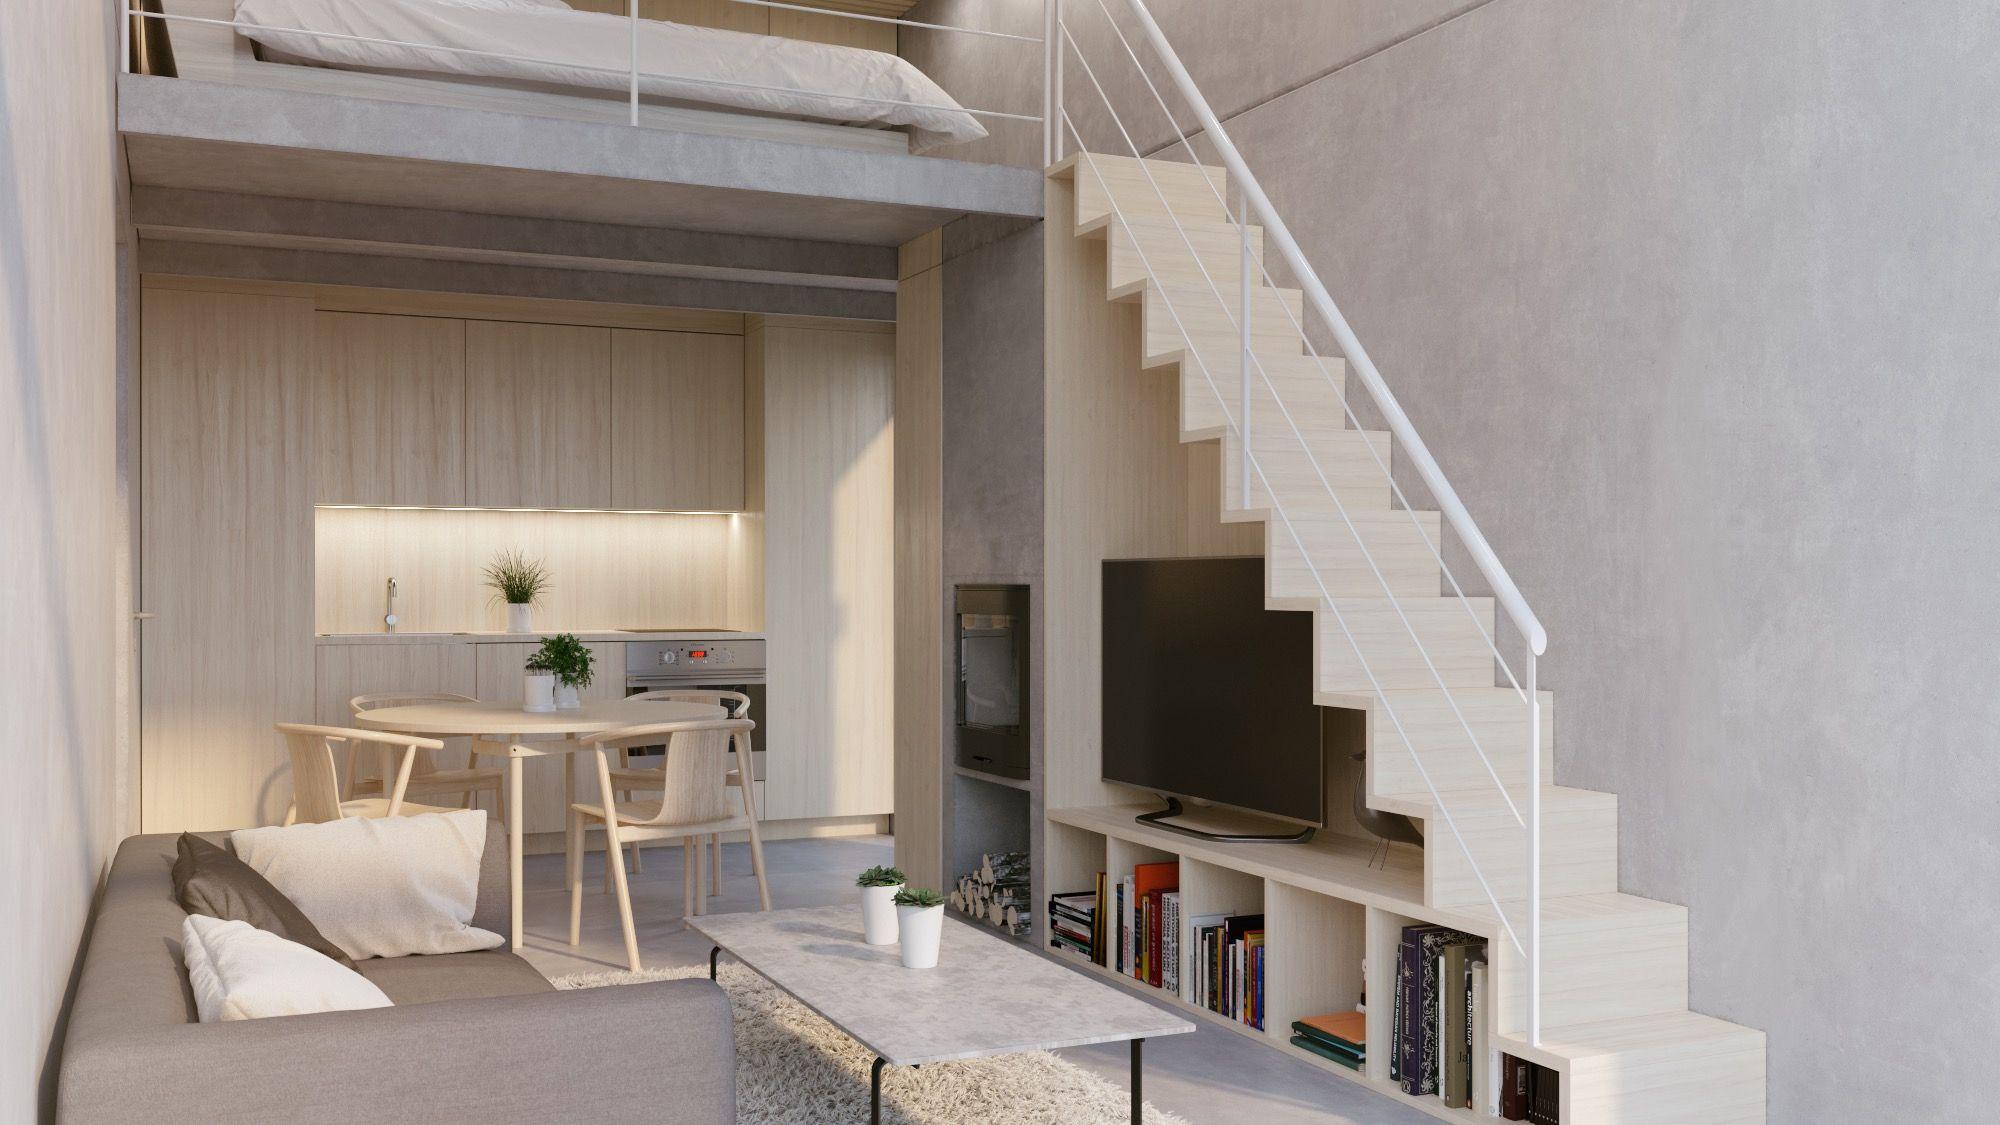 white interior color home study bedroom mezzanine design ideas